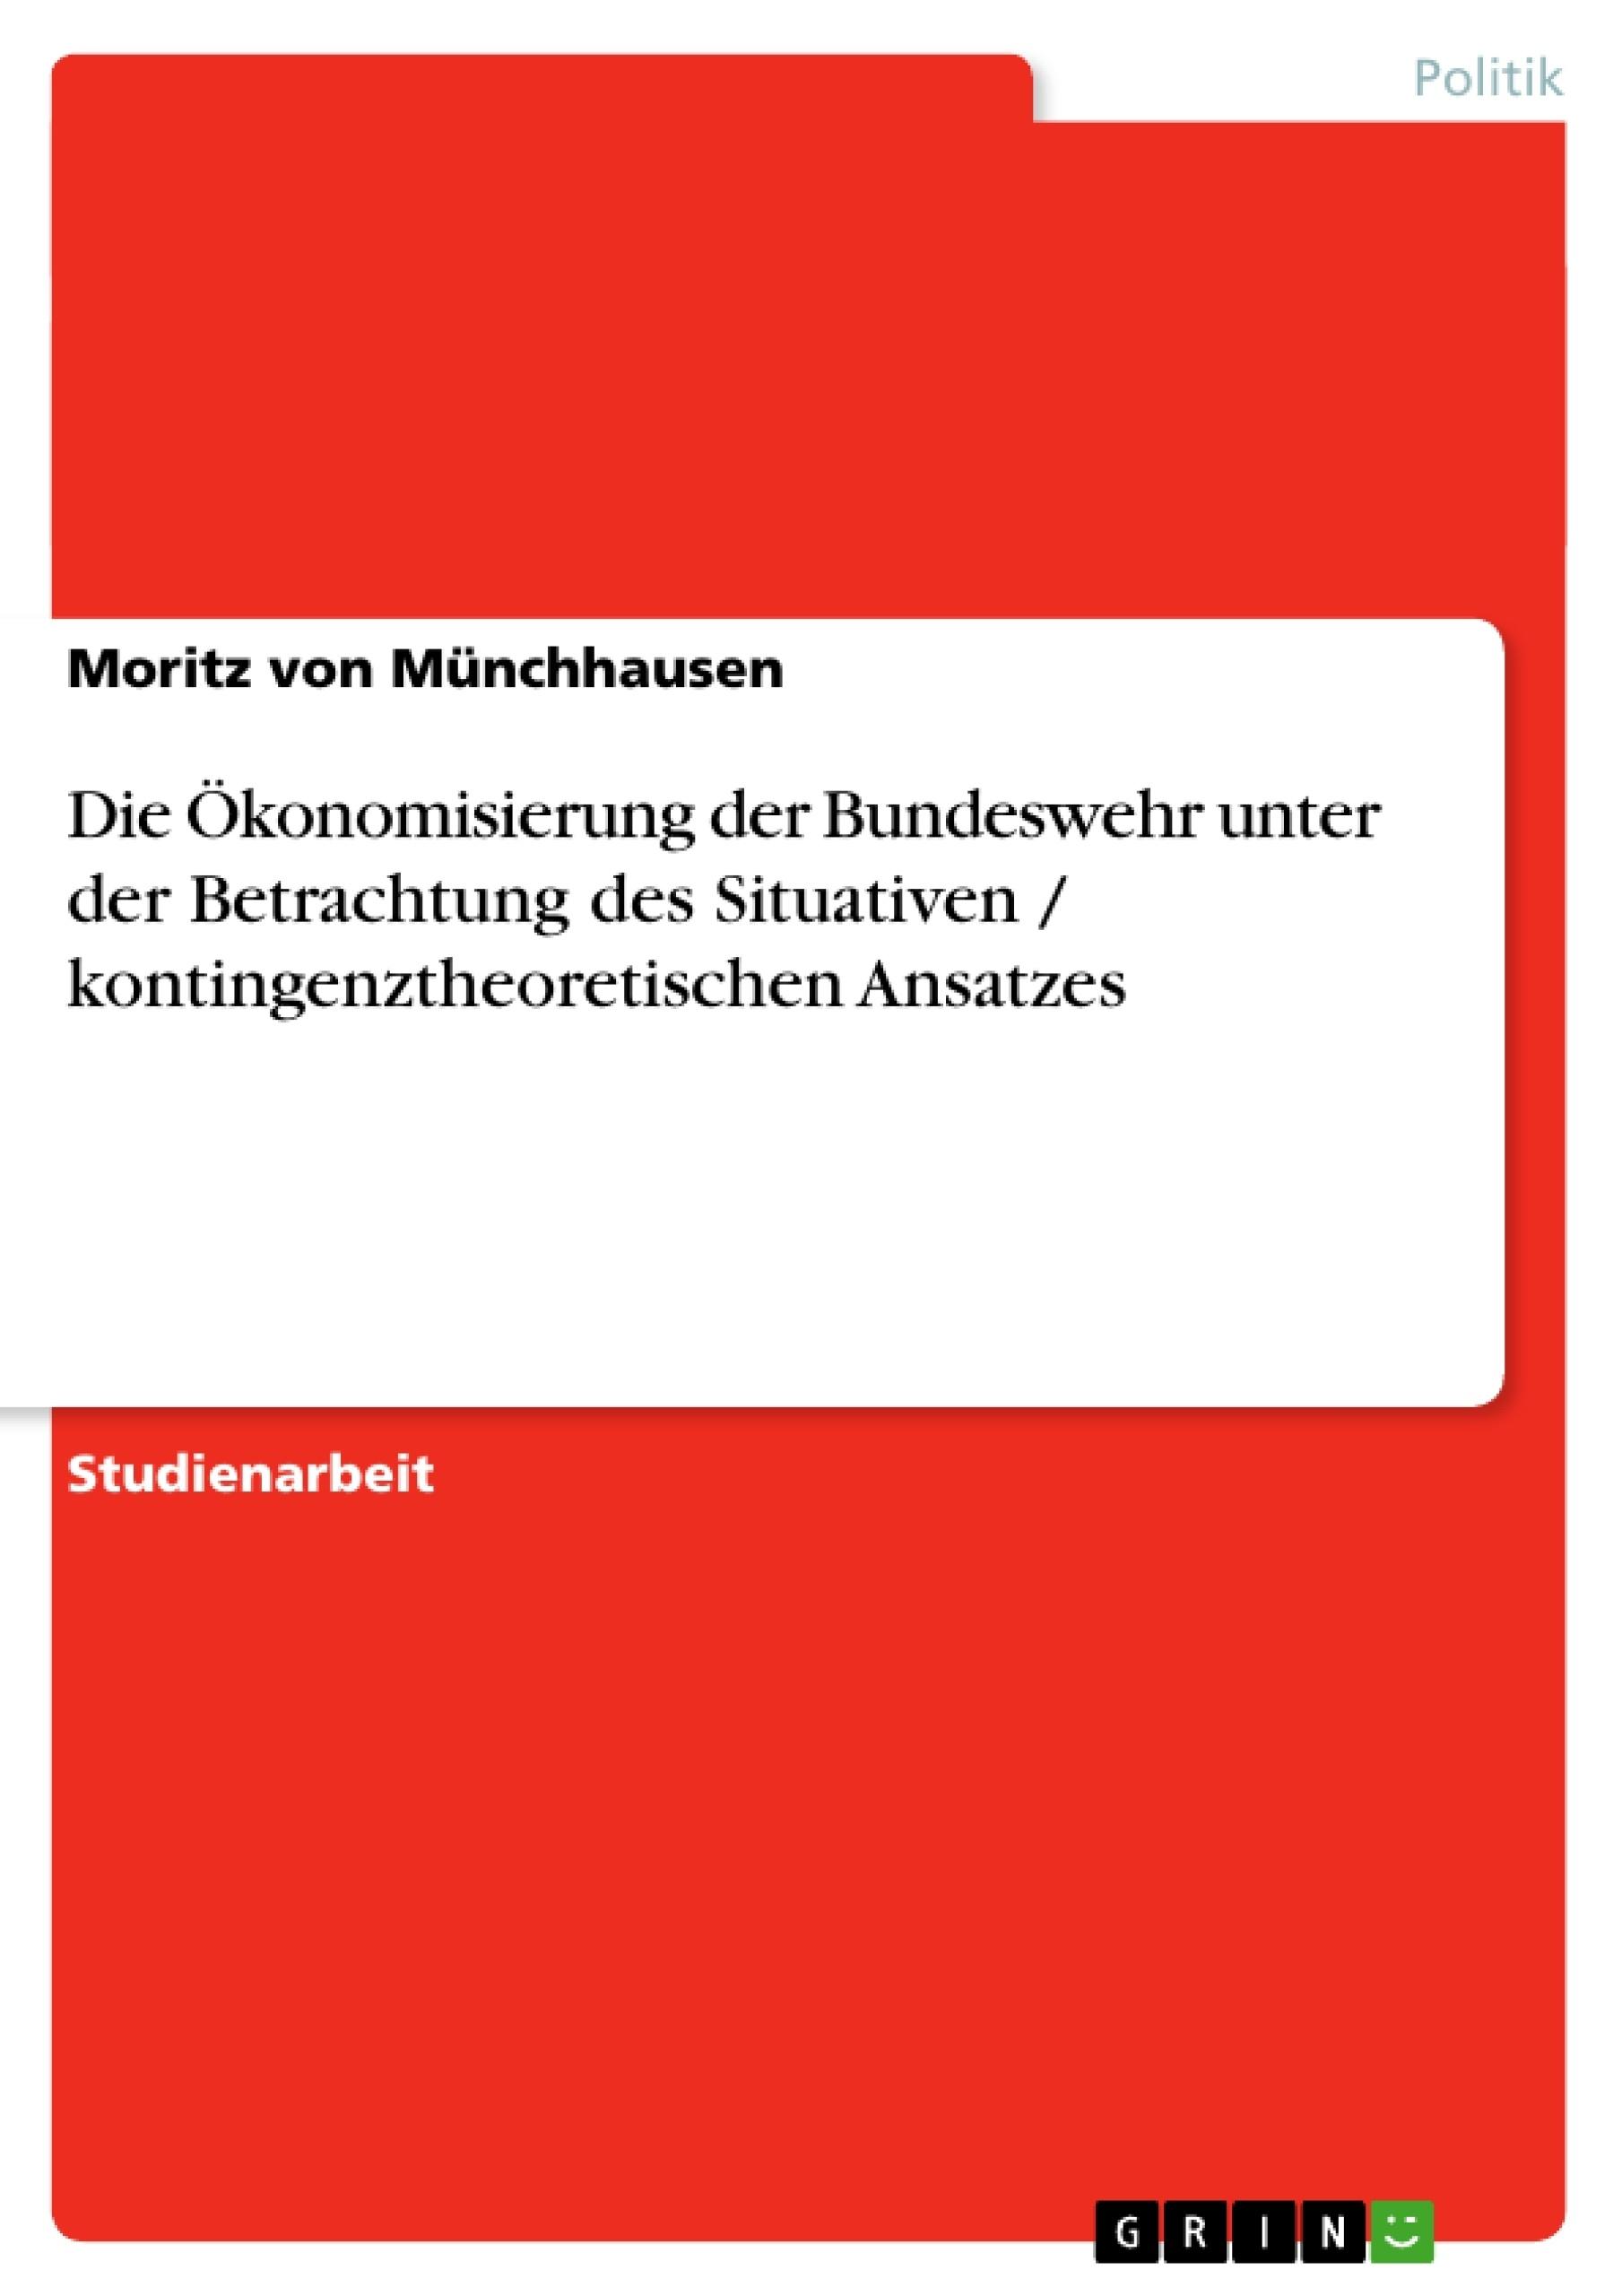 Titel: Die Ökonomisierung der Bundeswehr unter der Betrachtung des Situativen / kontingenztheoretischen Ansatzes